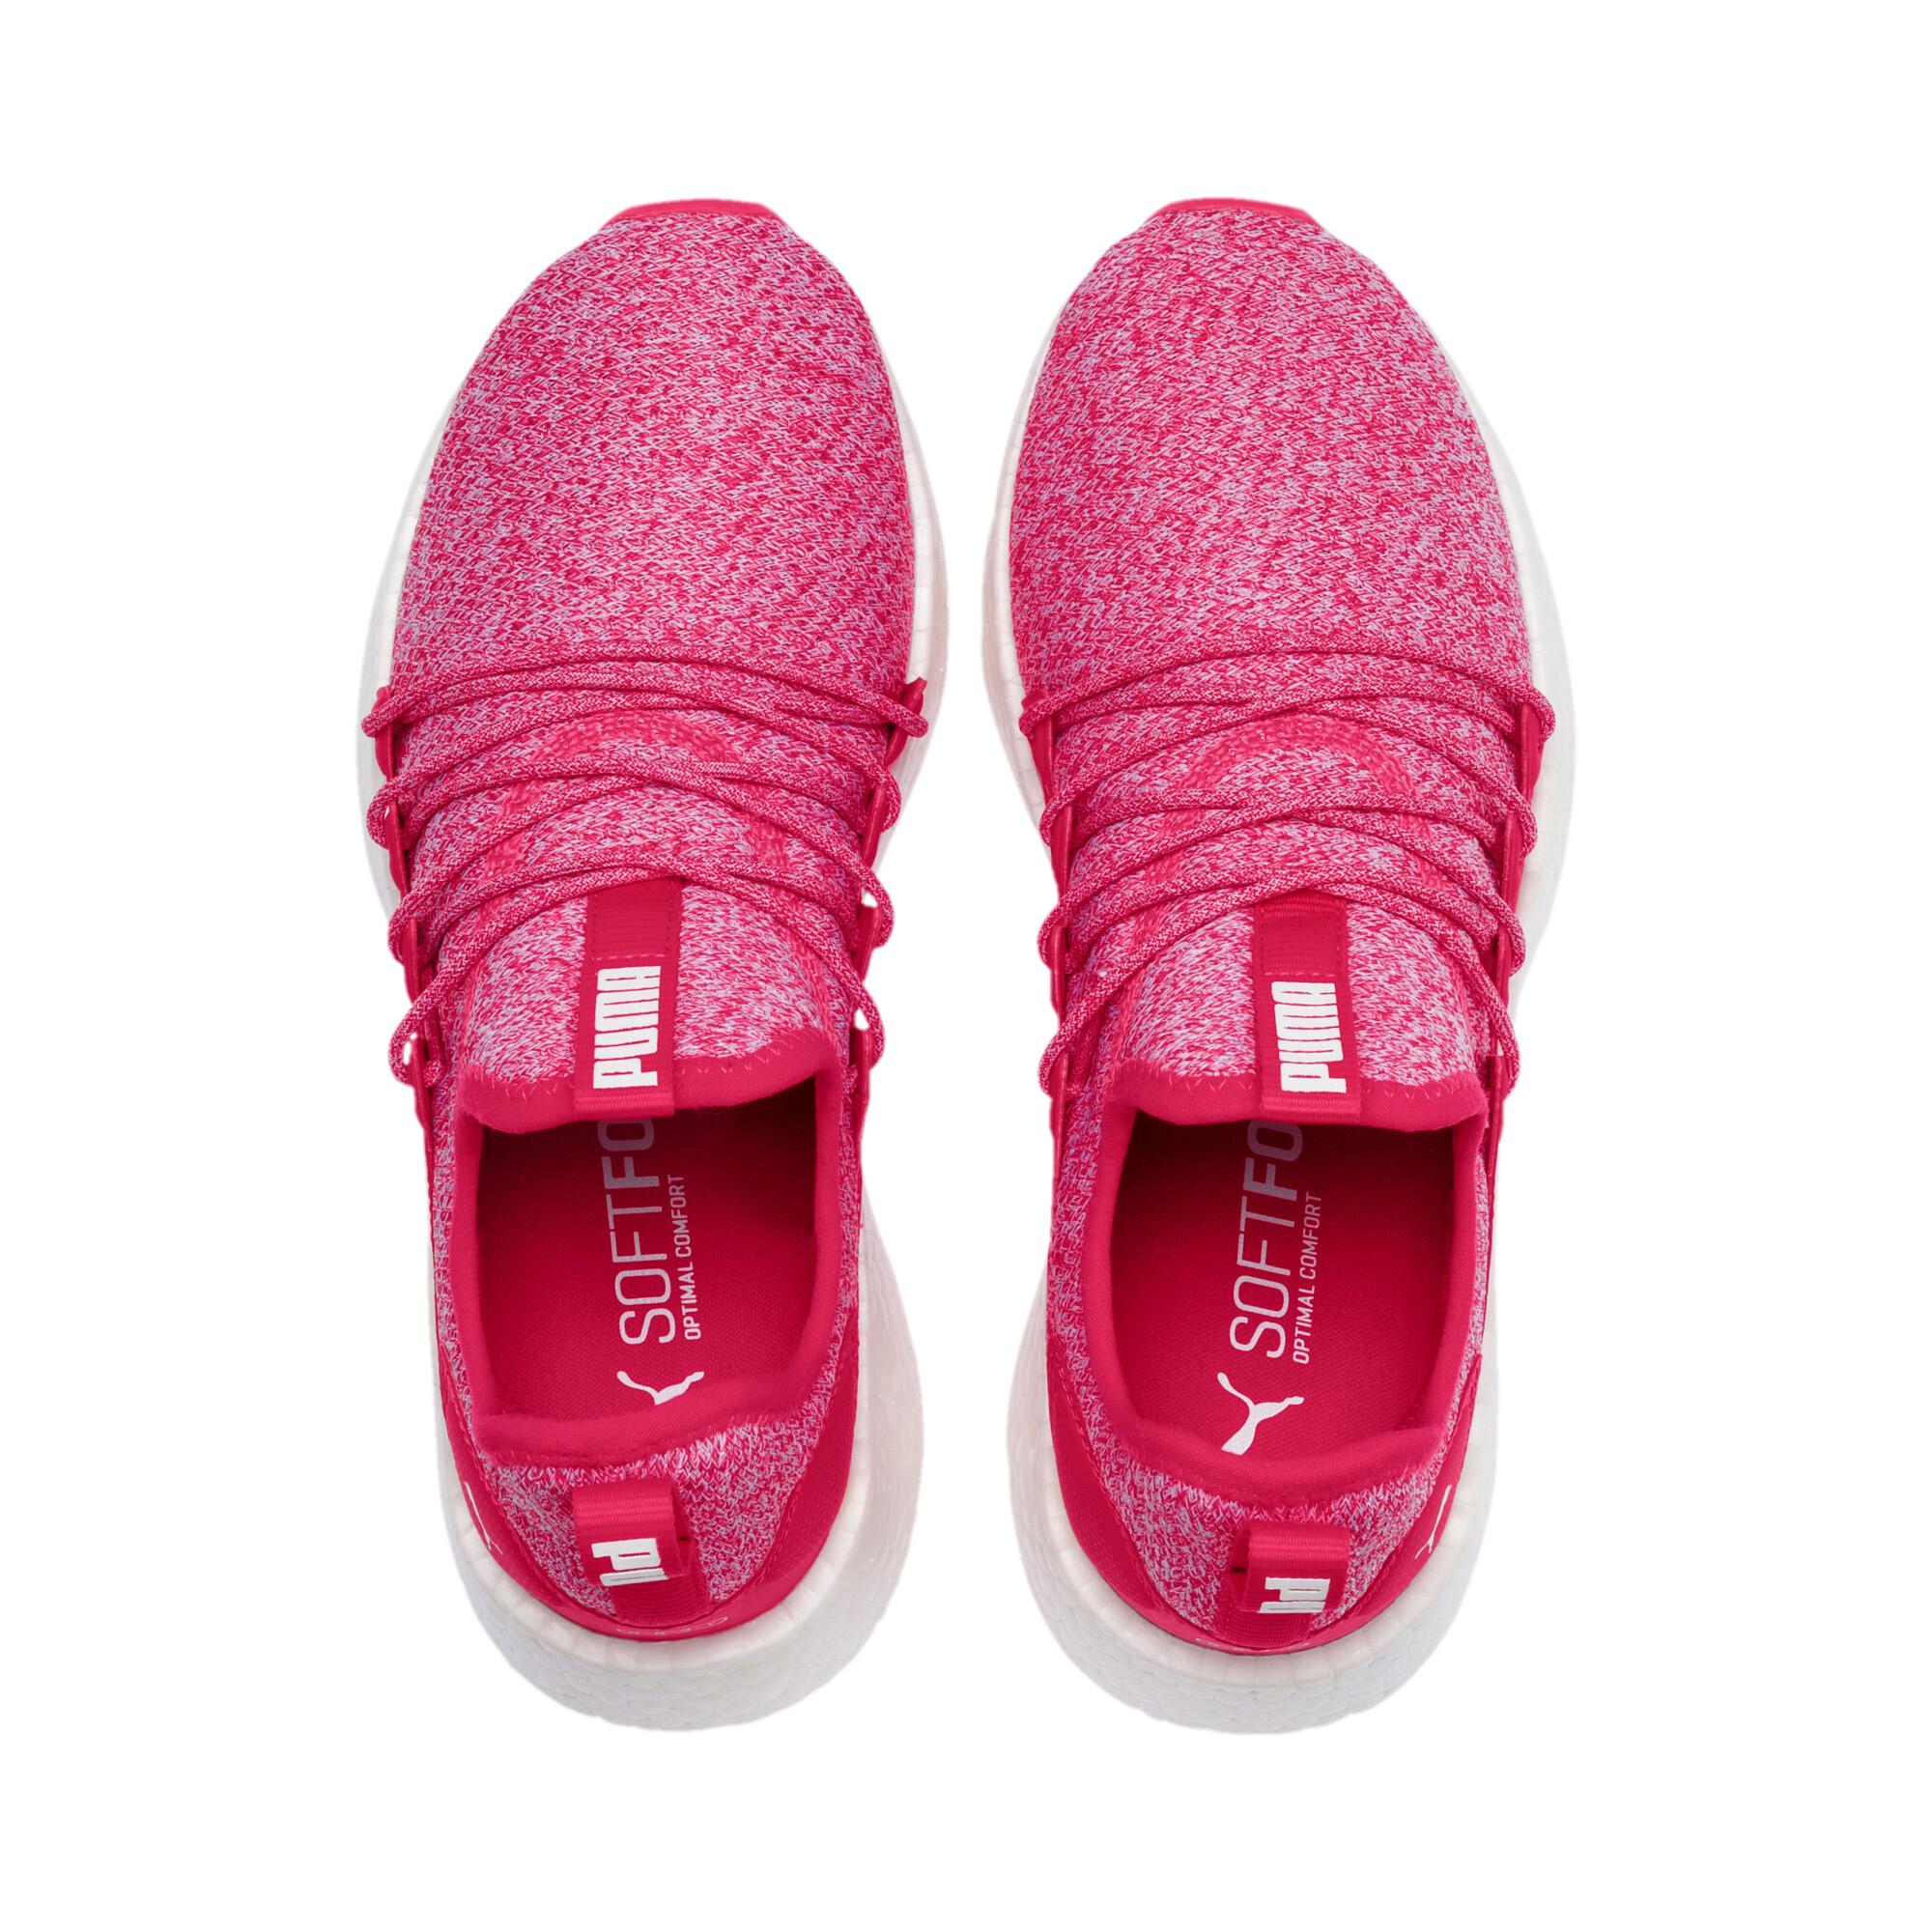 PUMA-Youth-NRGY-Neko-Knit-Running-Shoes thumbnail 13